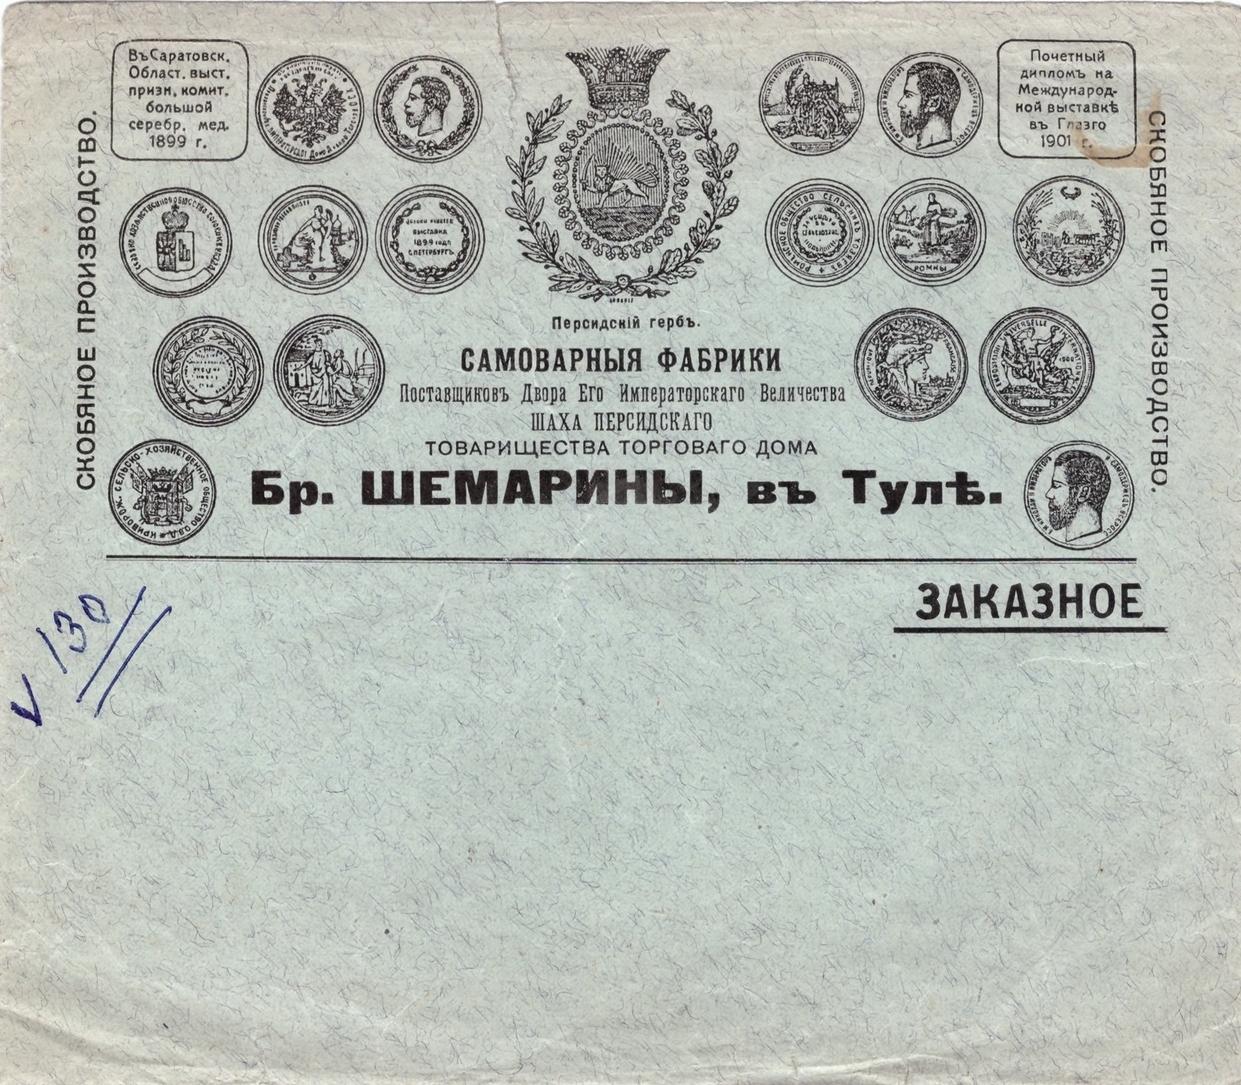 Рекламный конверт самоварной фабрики товарищества торгового дома Братья Шемарины в Туле